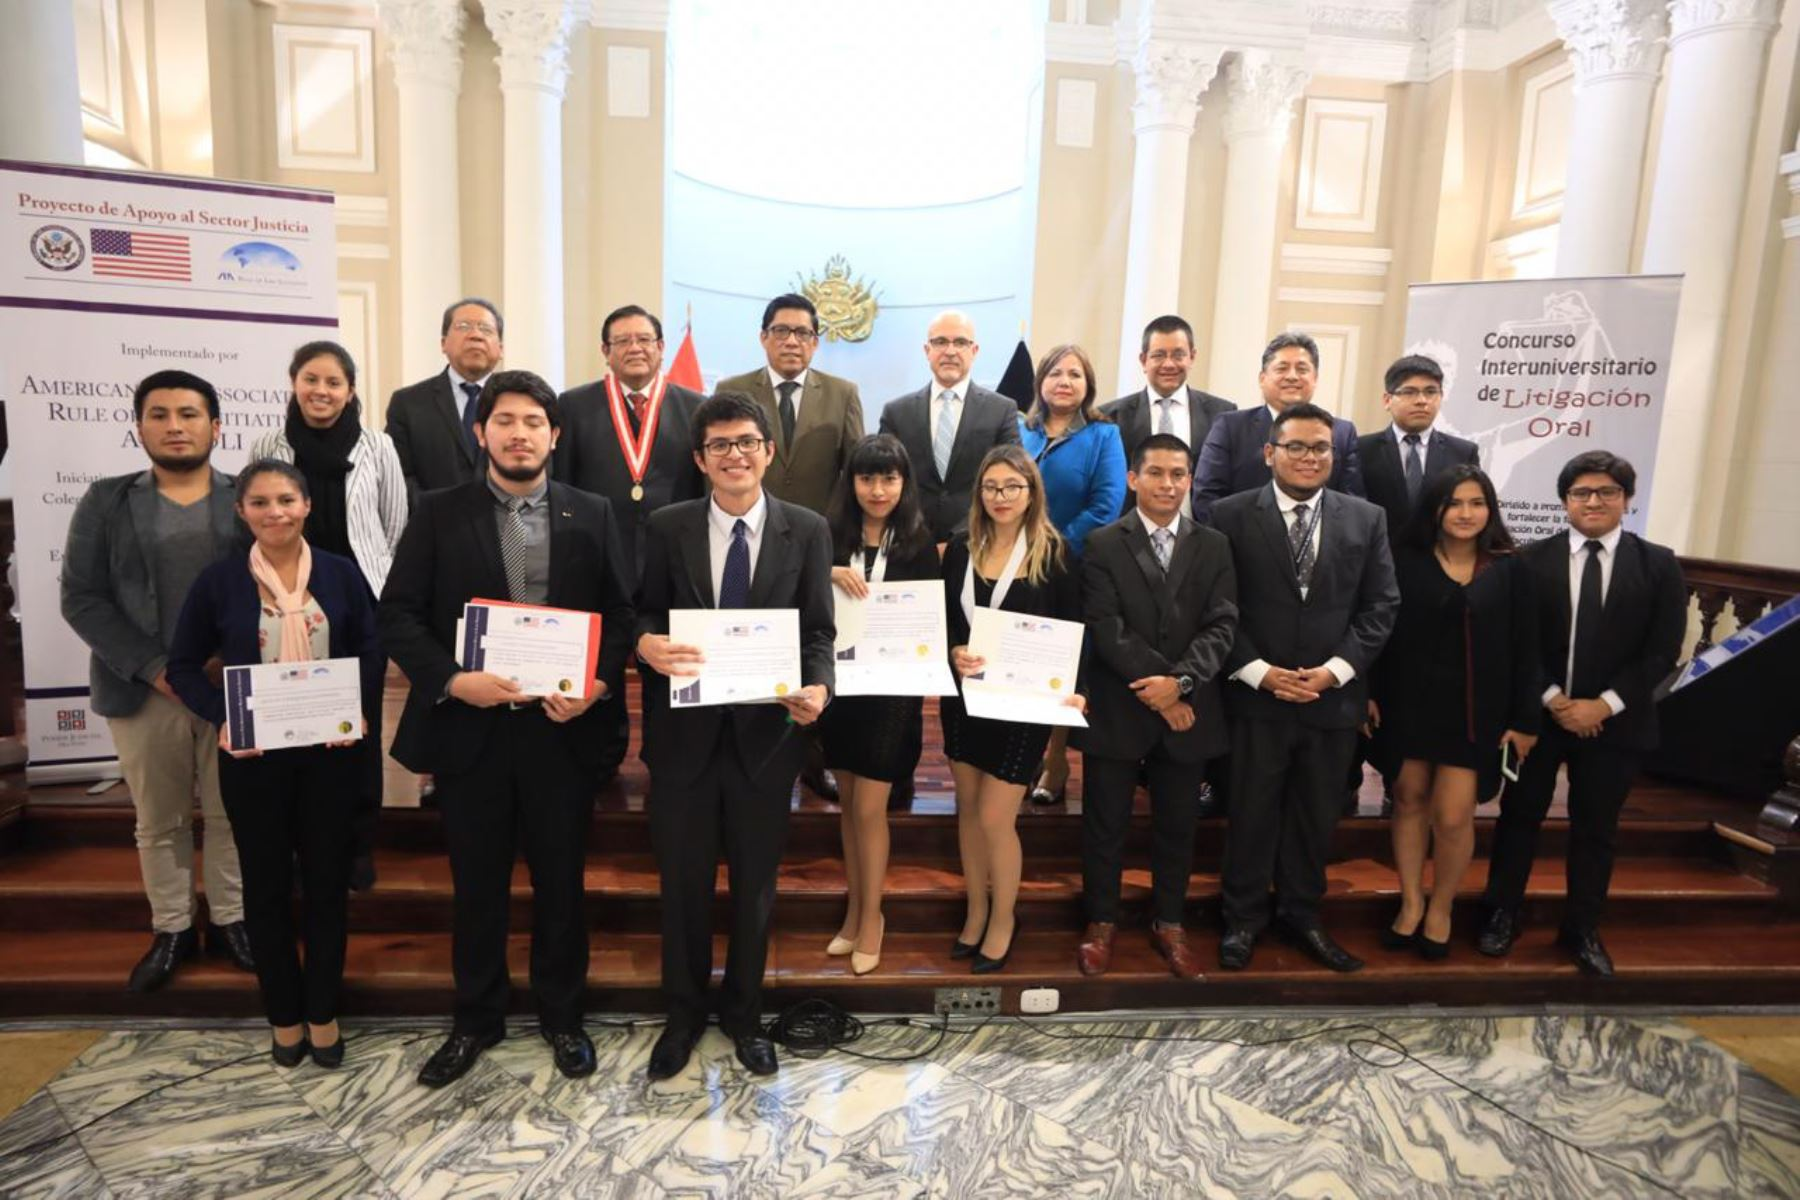 """Estudiantes de Derecho de Arequipa ganan el """"IV Concurso de Litigación Oral"""". ANDINA/Difusión"""